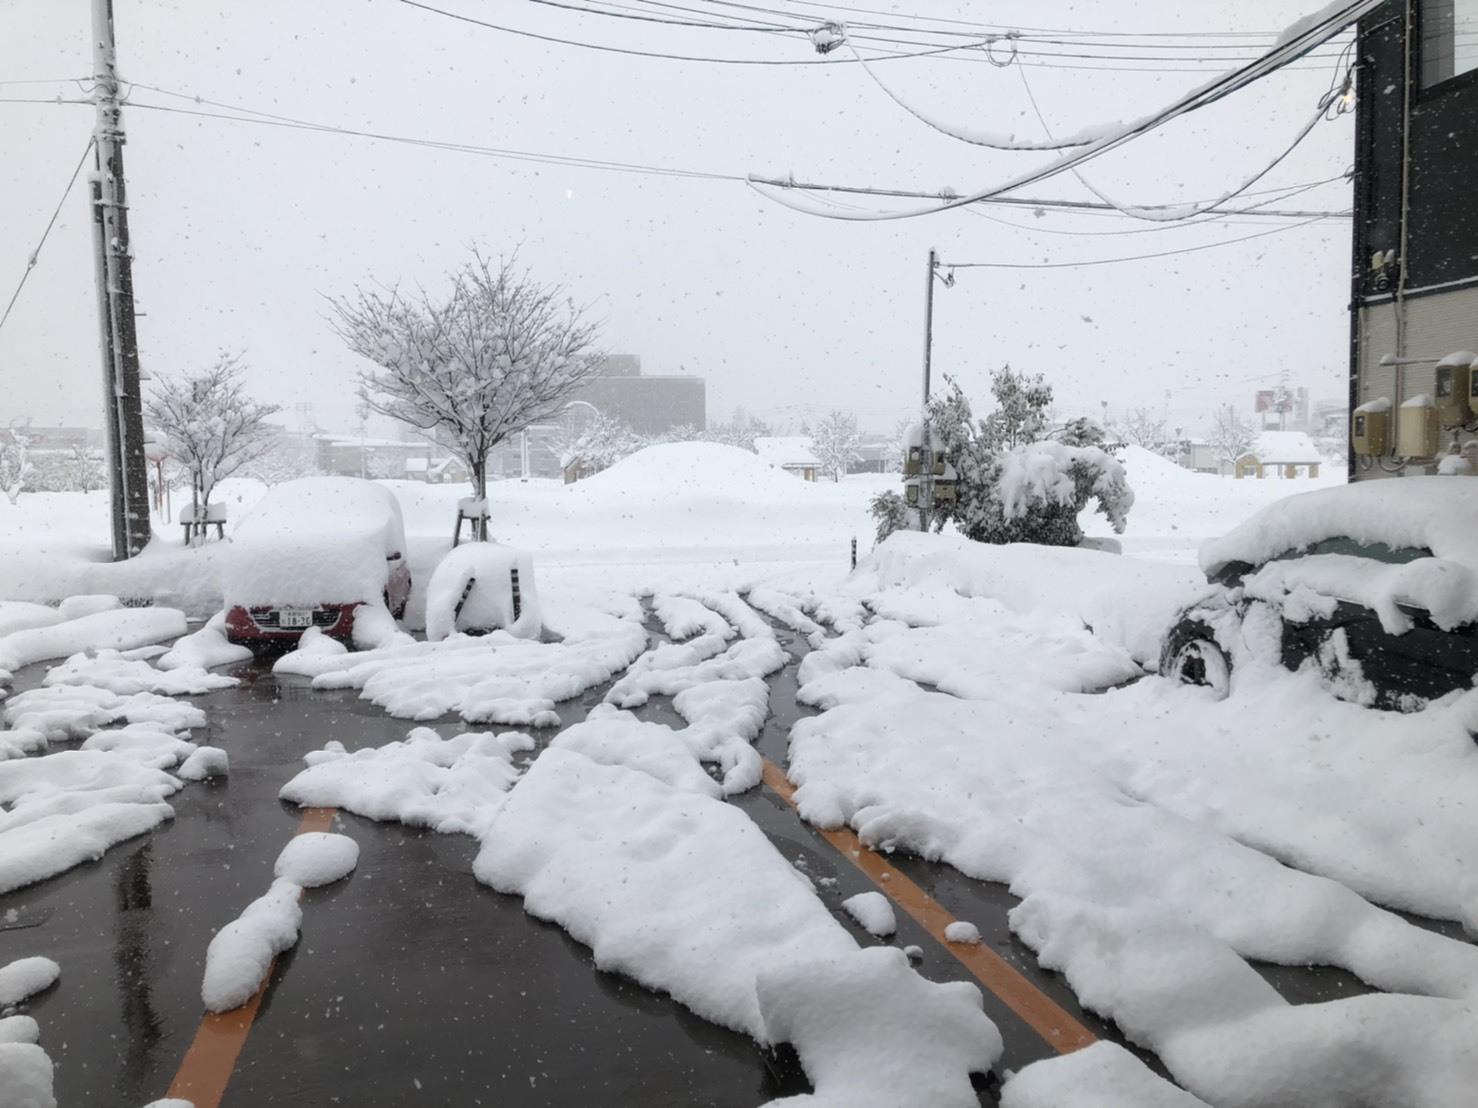 ロング丈のナイロンジャケットで除雪を楽し・・む。_b0139233_13220692.jpg